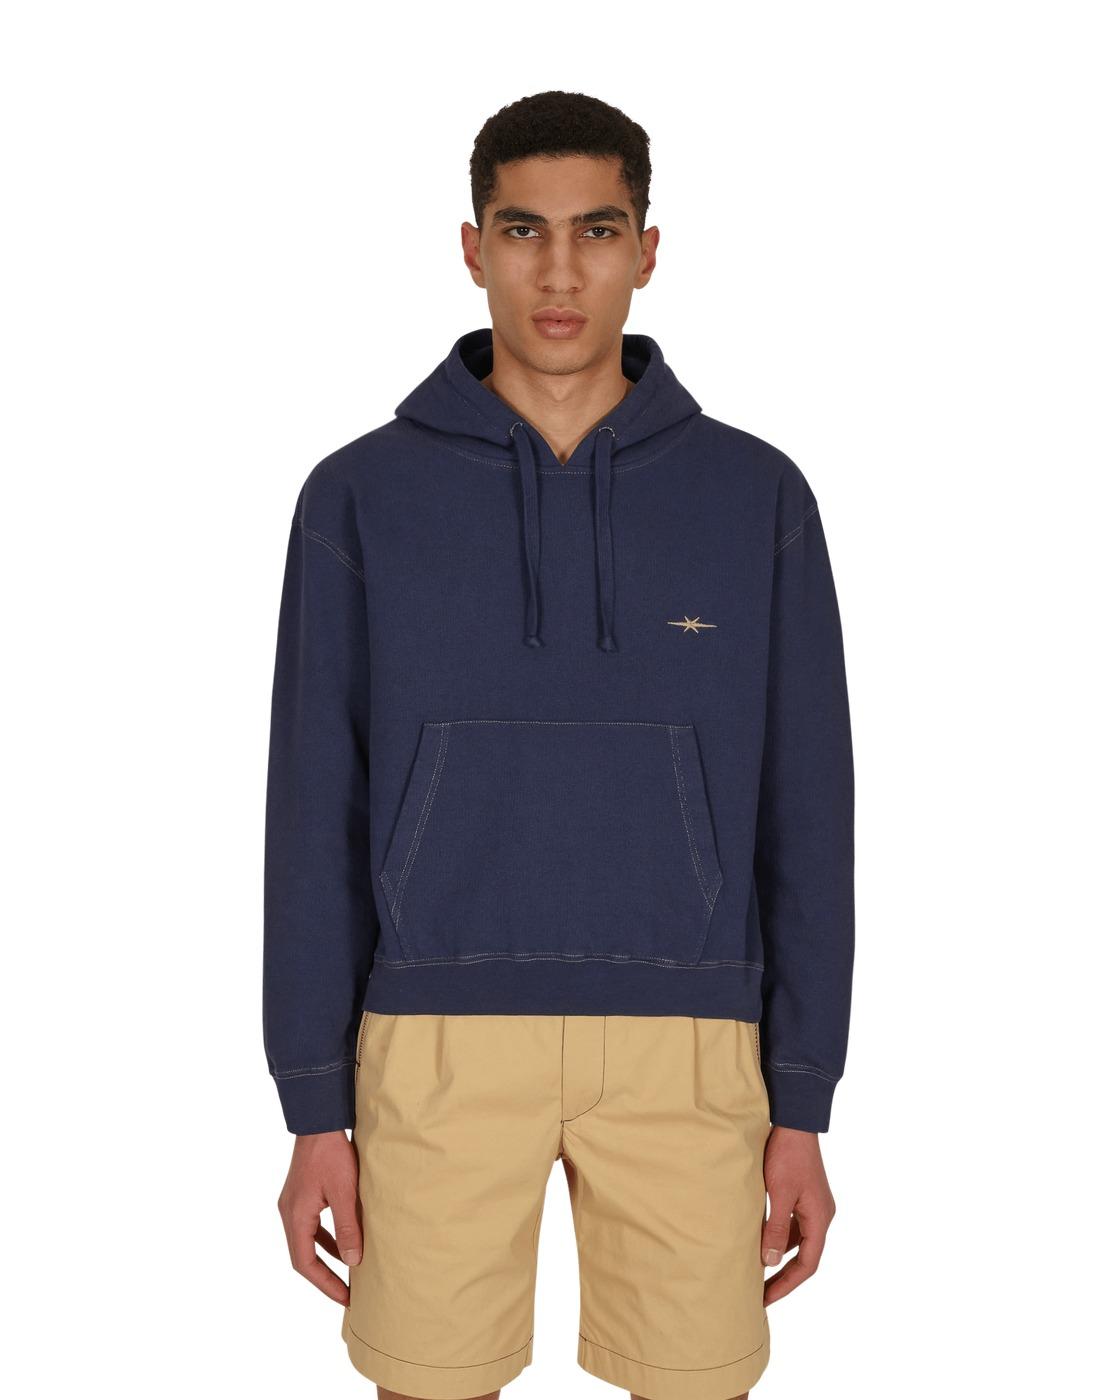 Photo: Phipps Fleece Logo Hooded Sweatshirt Navy